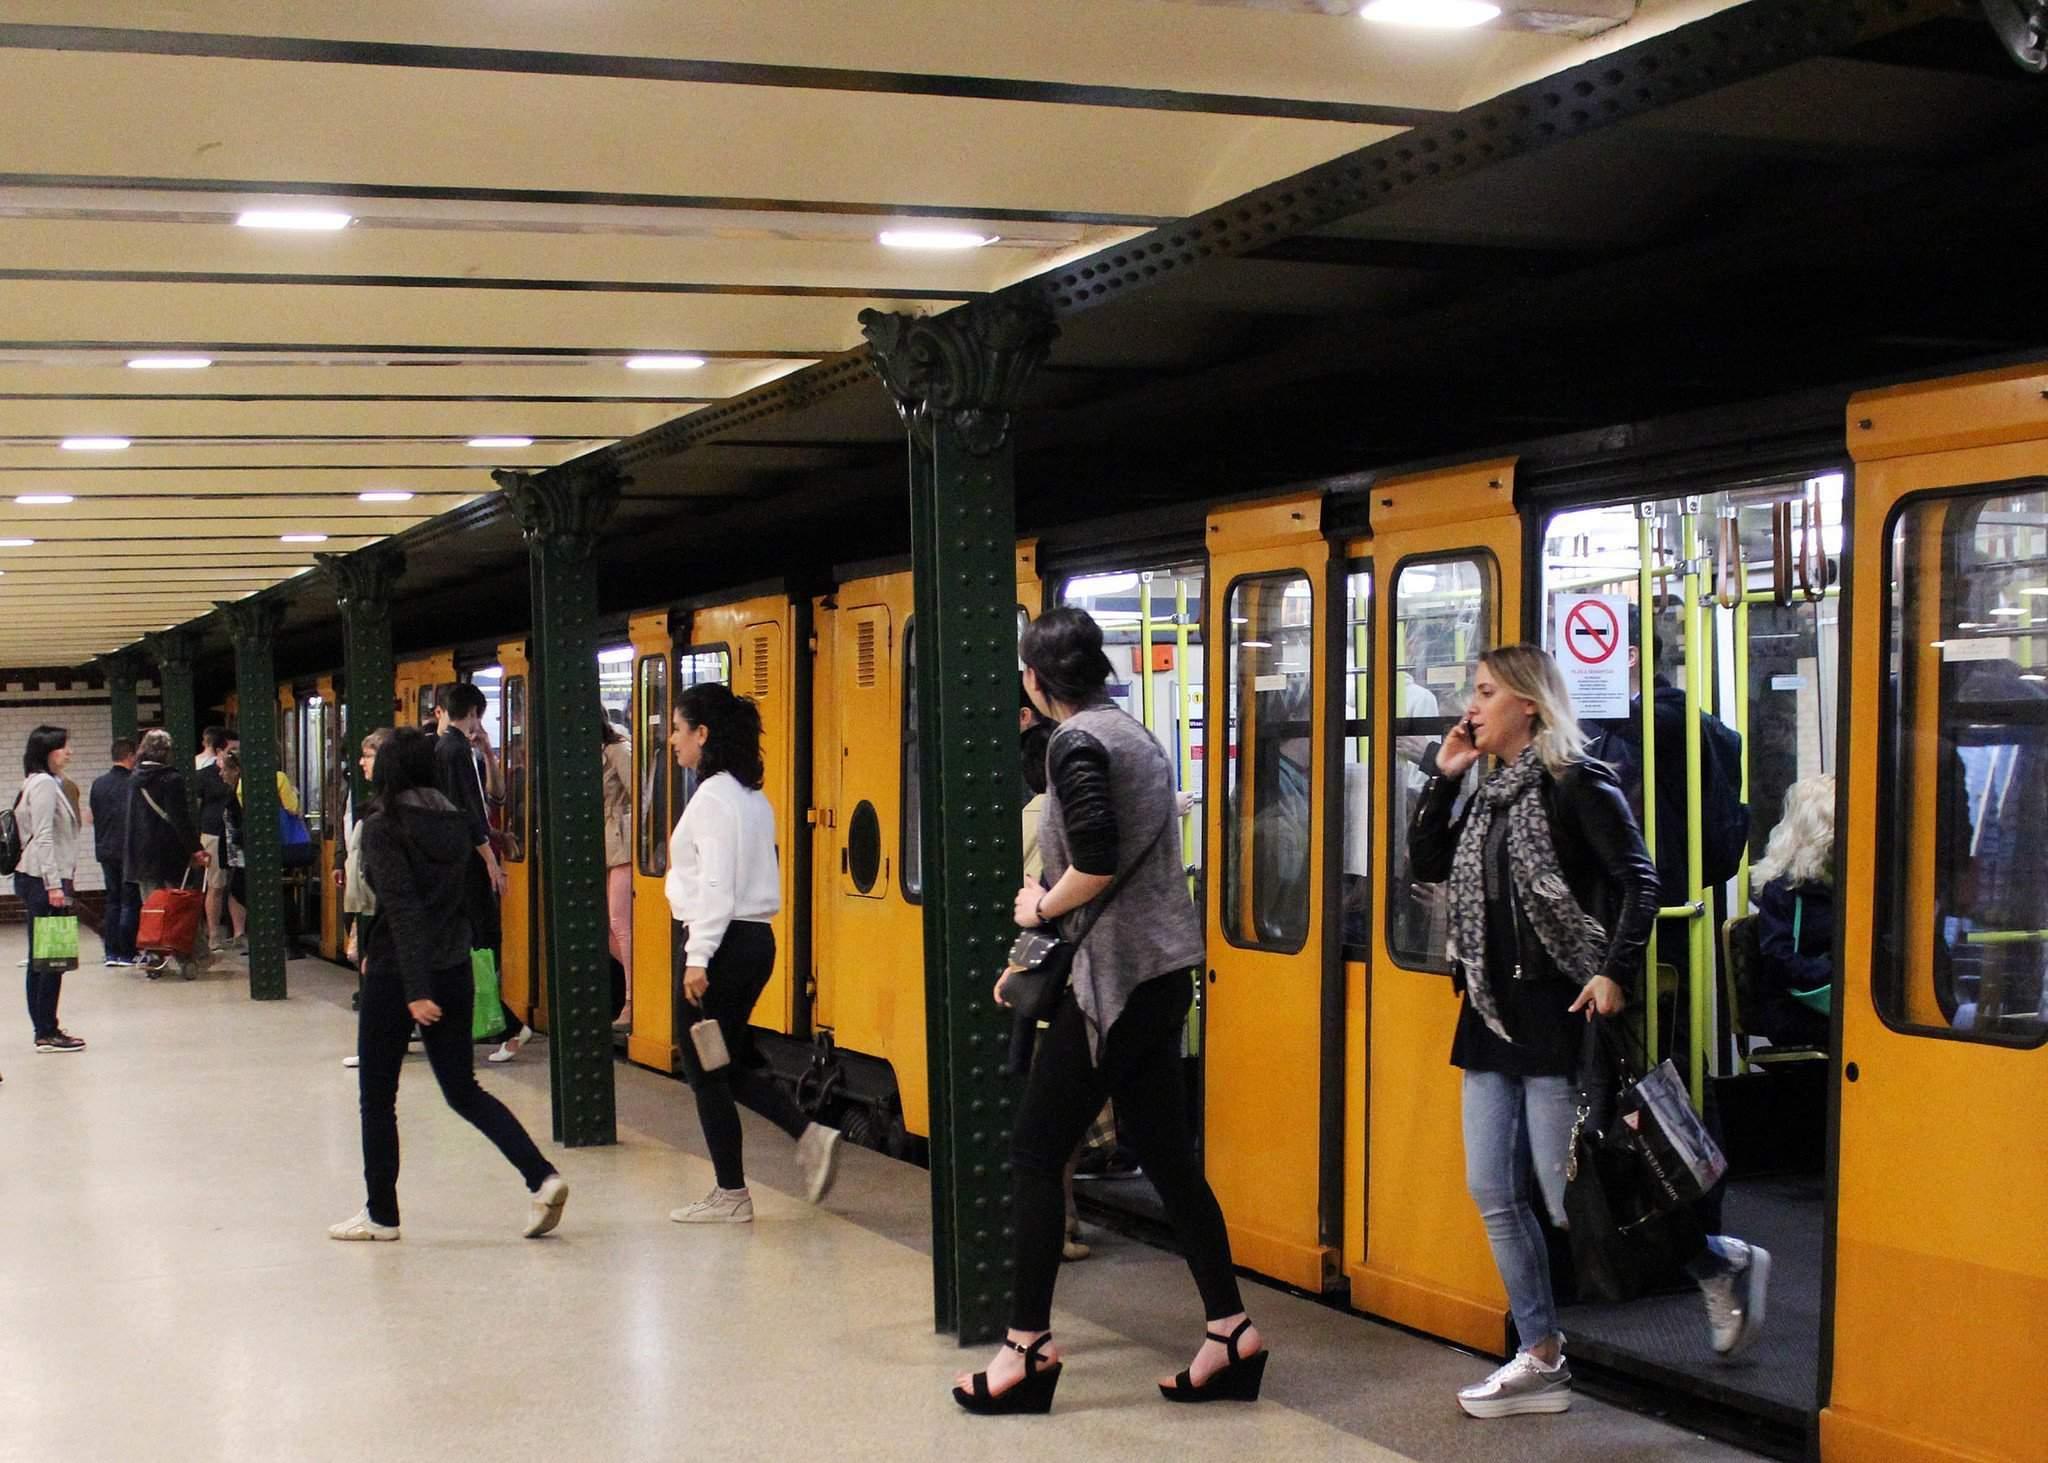 budapest-metro-undergound railway-bkk-bkv 2